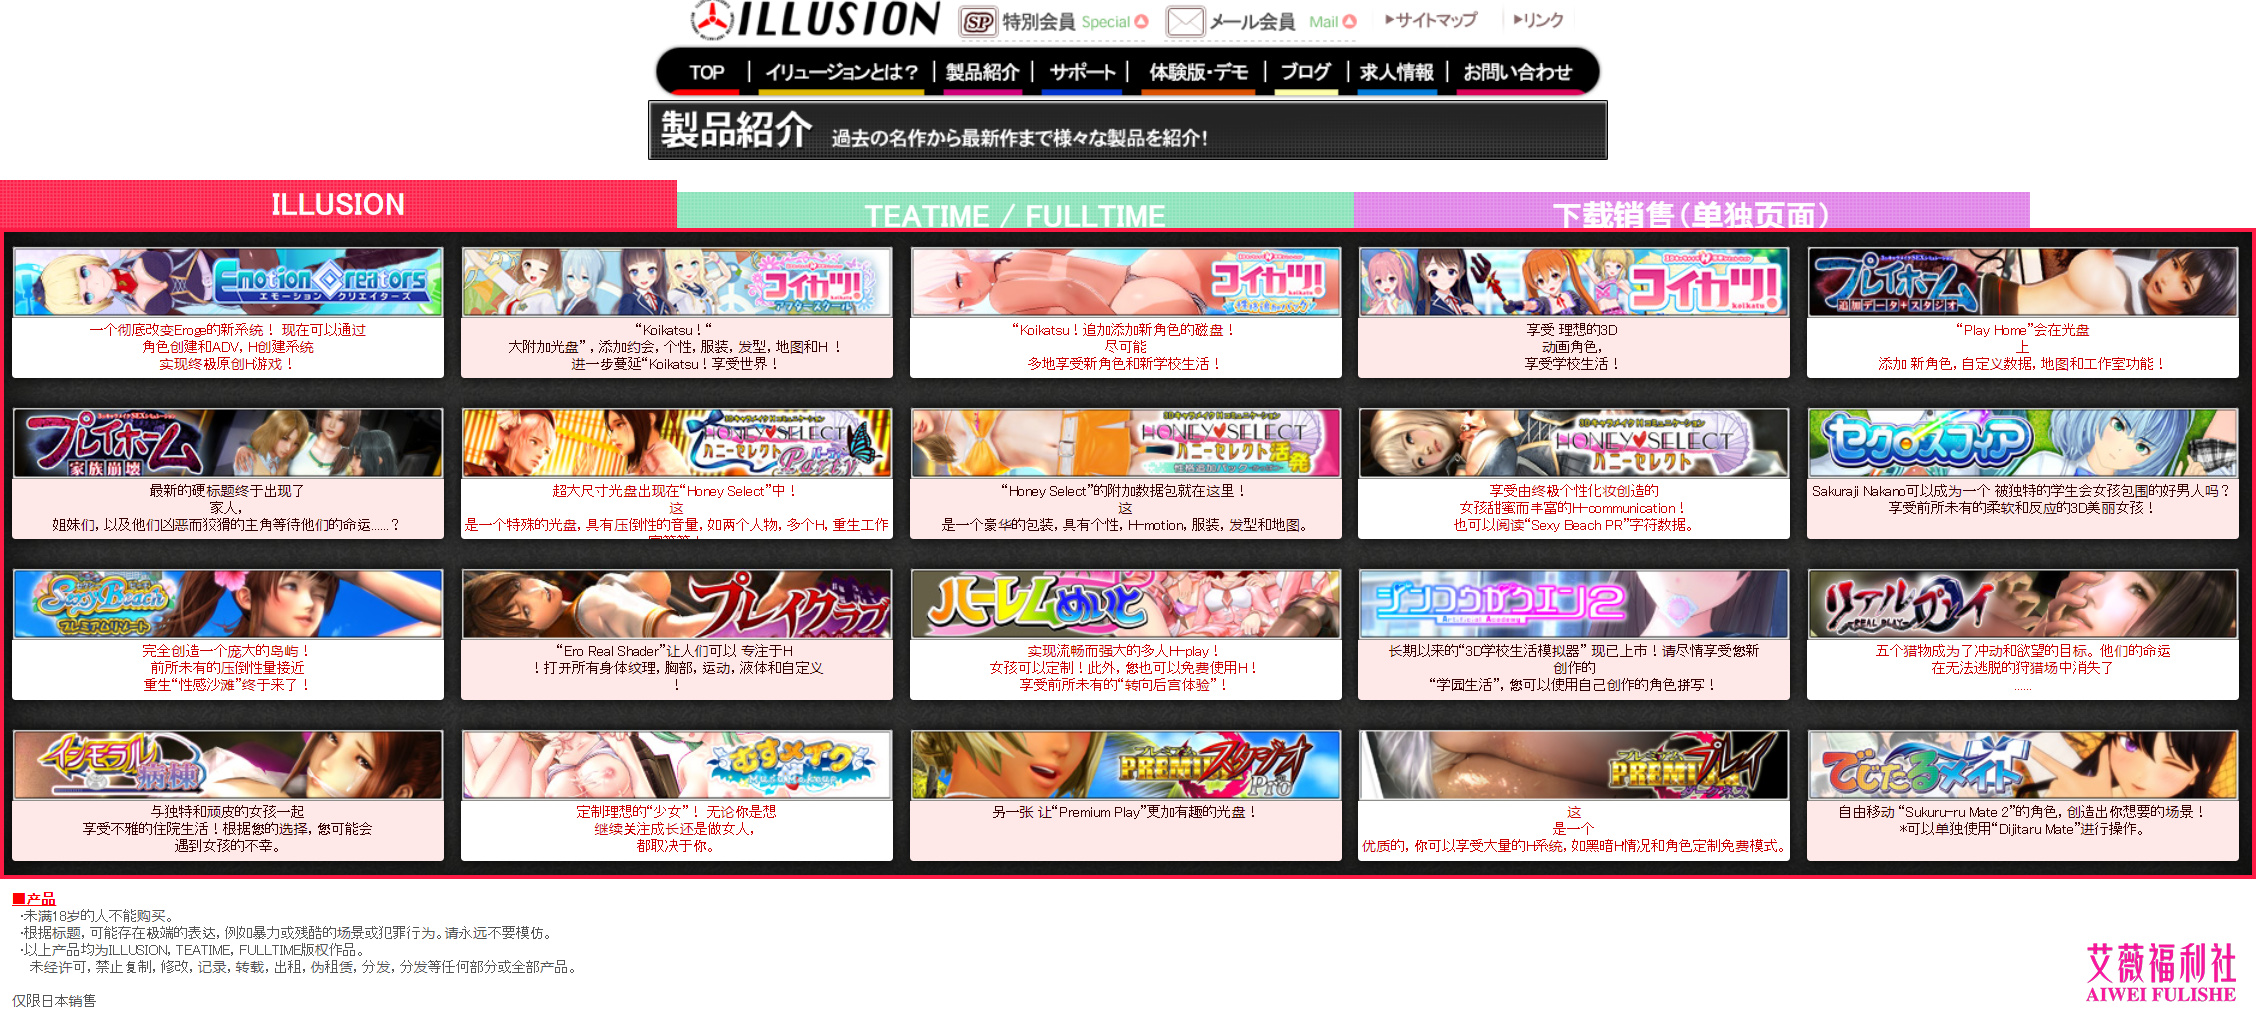 宅男福利游戏著名日本成人游戏公司illusion(I社)官网页面图片大揭秘